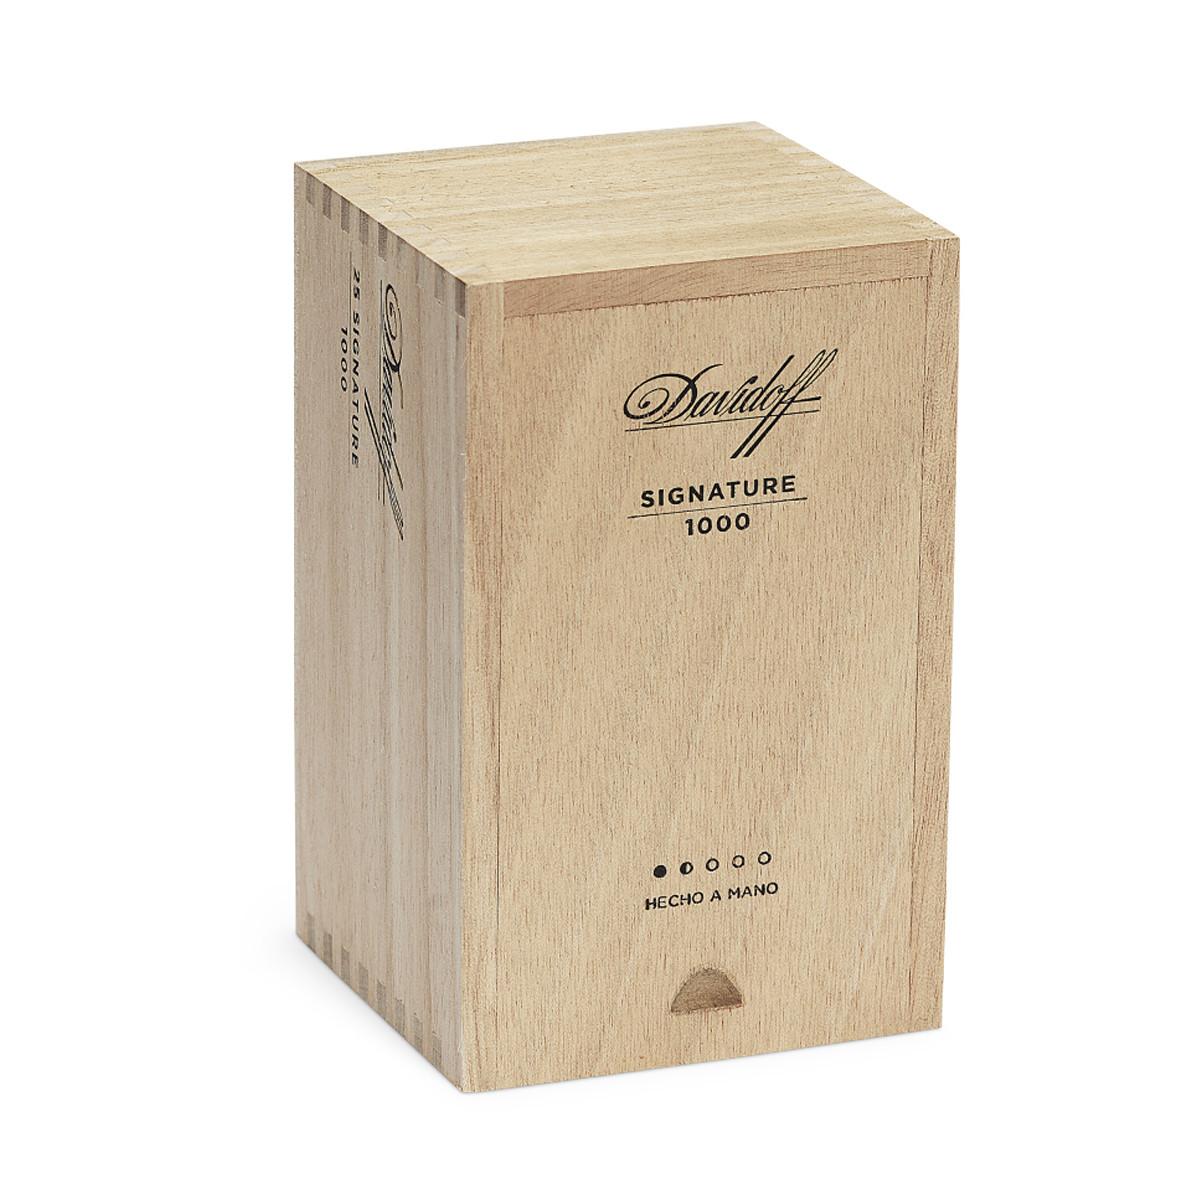 Davidoff Signature 1000 (4.6x34 / Box 25)